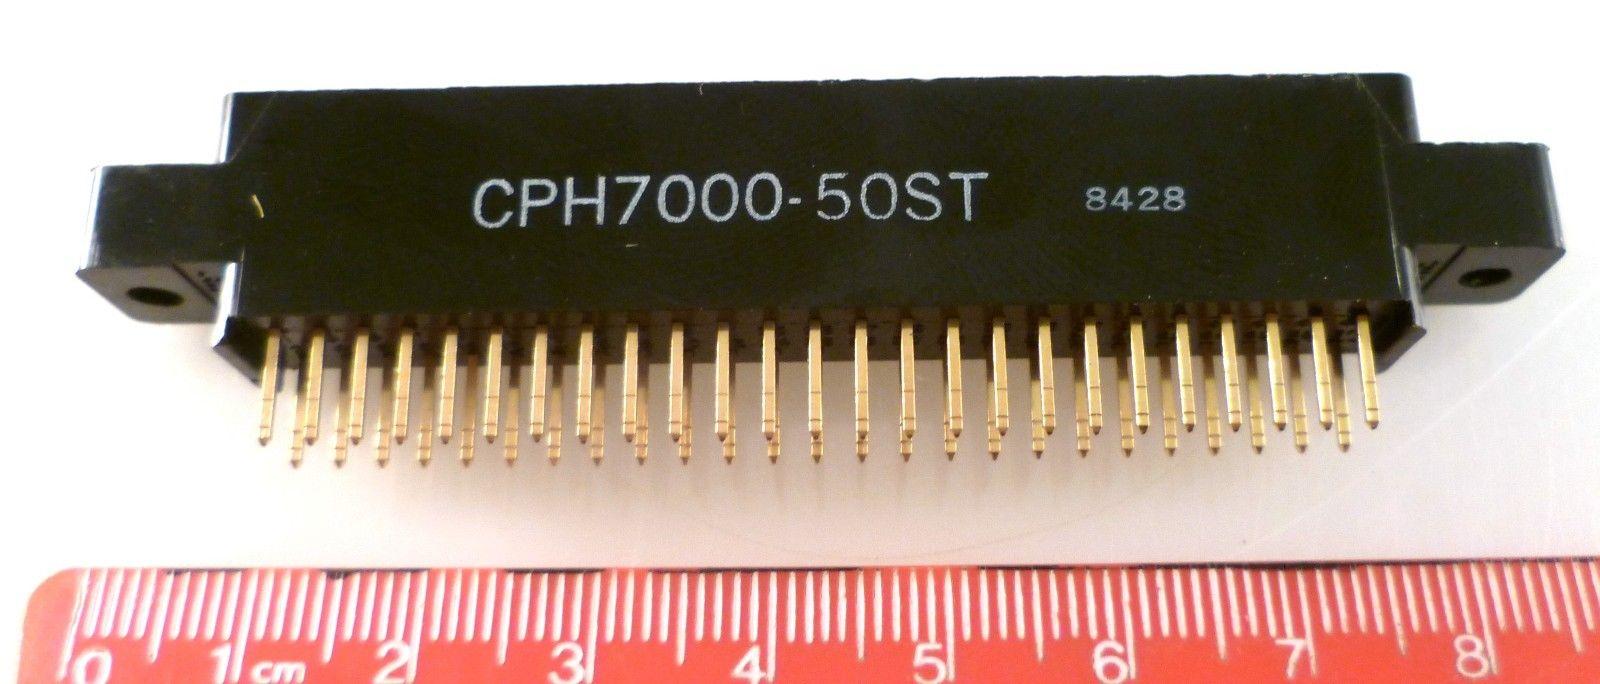 SAE CPH 7000-50ST Au Edge Connector 50 Way PCB Mount 0 1